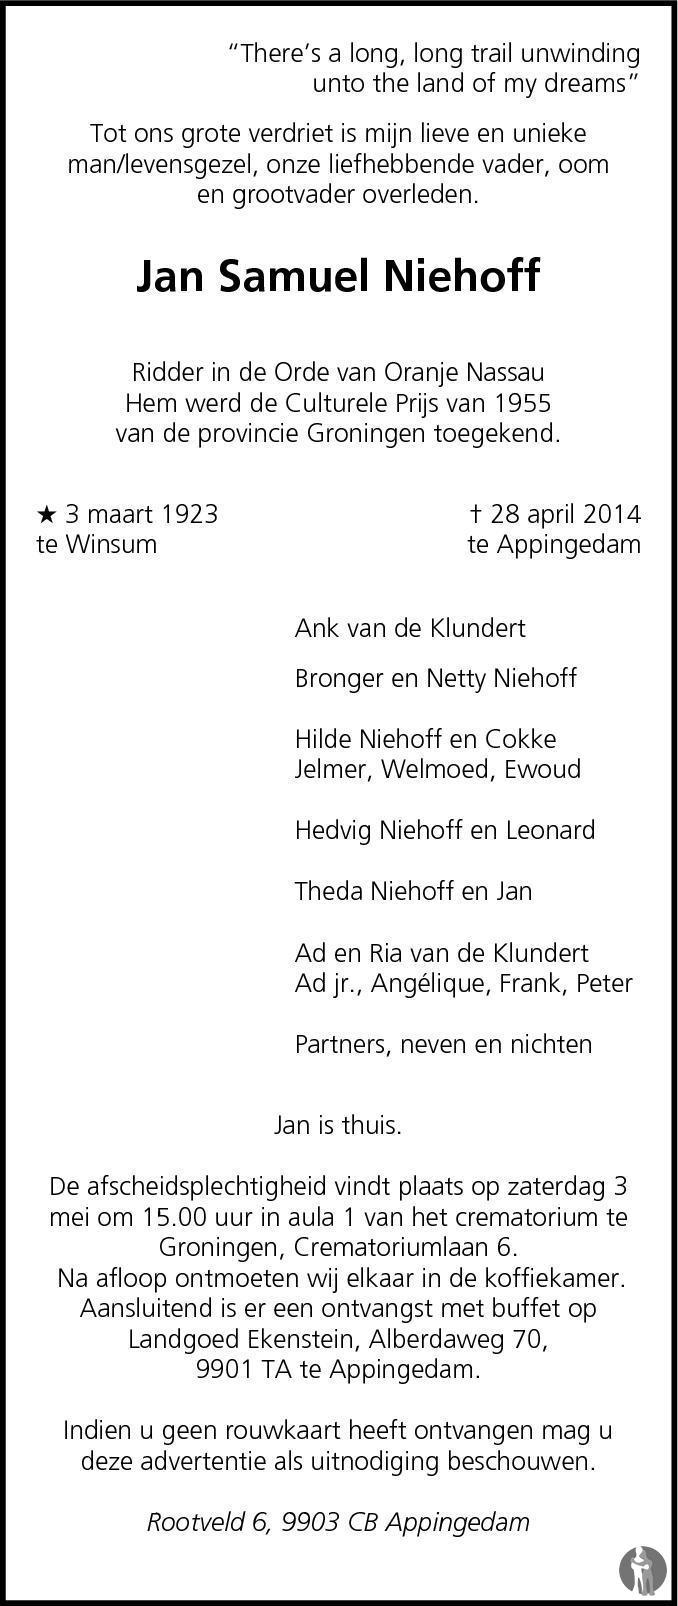 Overlijdensbericht van Jan Samuel Niehoff in Dagblad van het Noorden